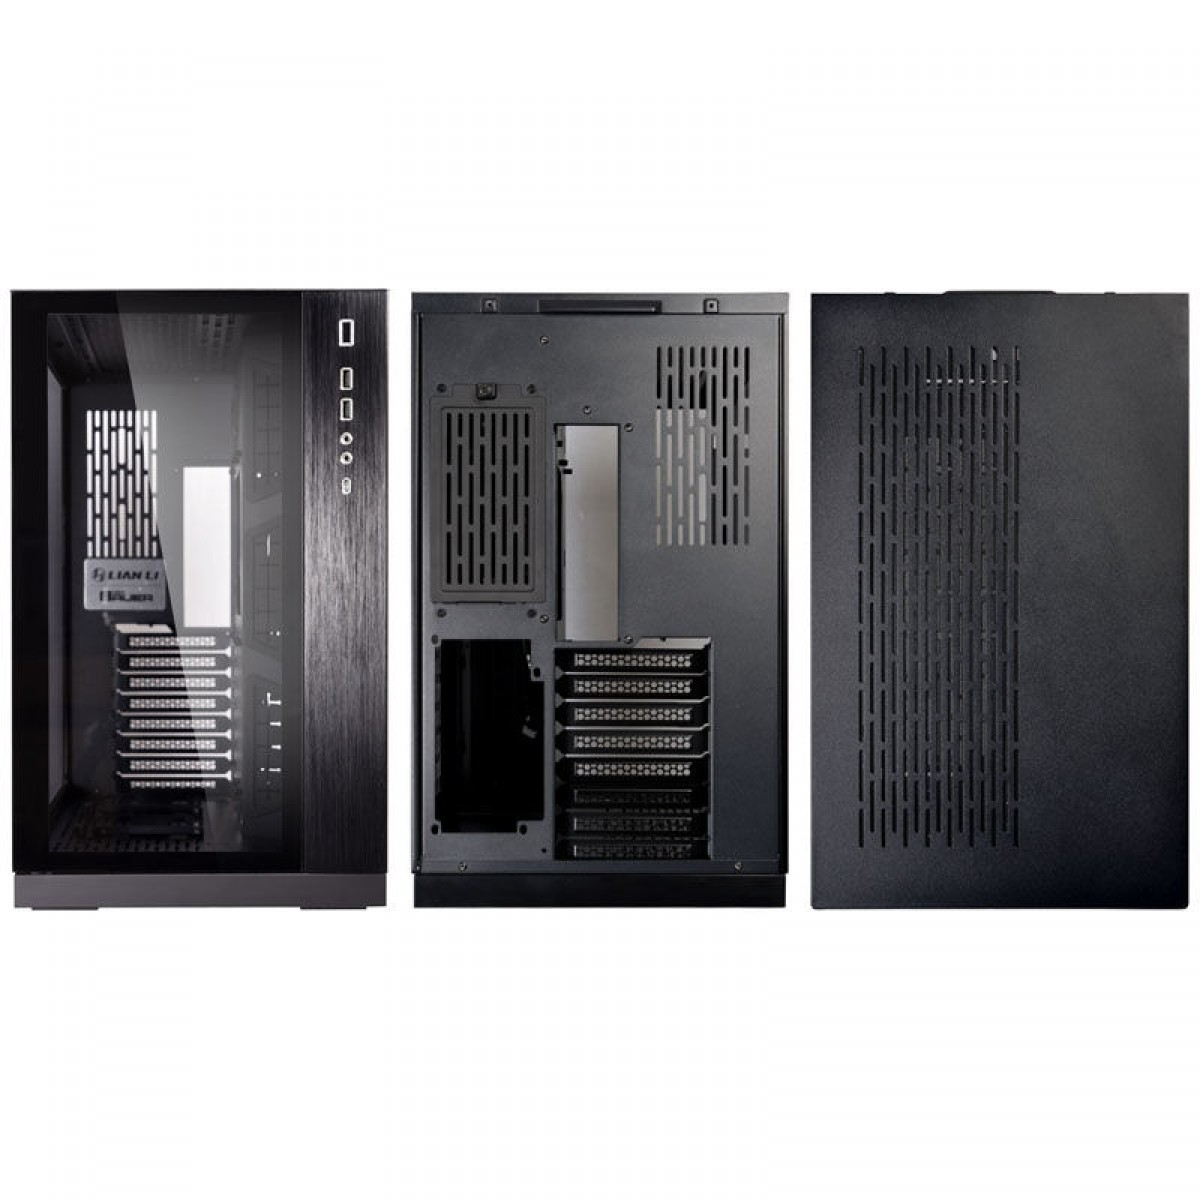 Gabinete Gamer Lian Li Dynamic, Mid Tower, S-Fan, Vidro Temperado, Black, S-Fonte, PC-O11DX